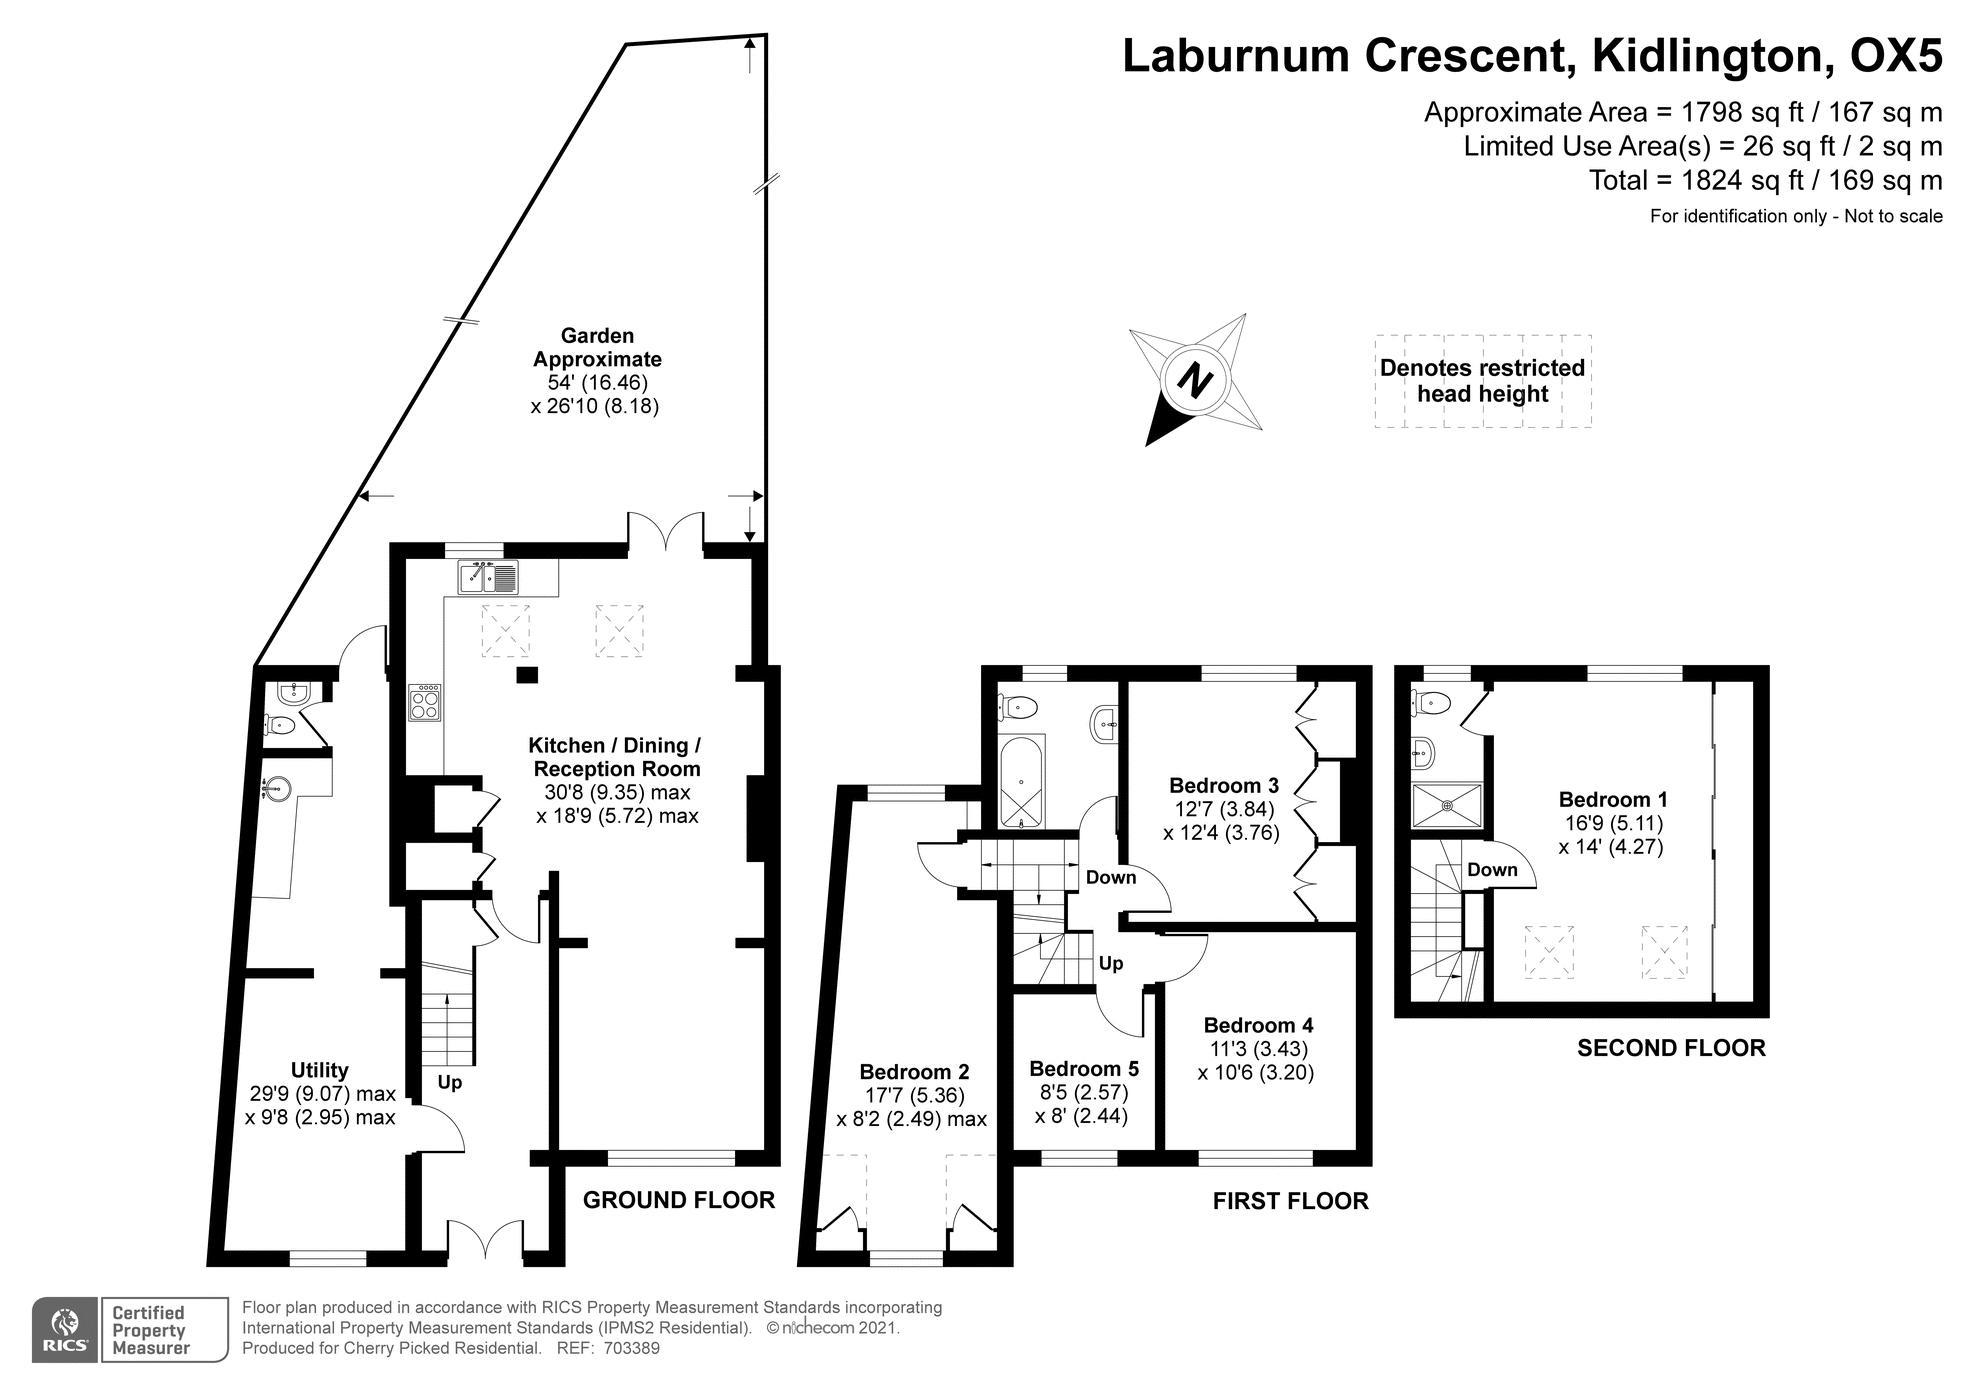 Laburnum Crescent